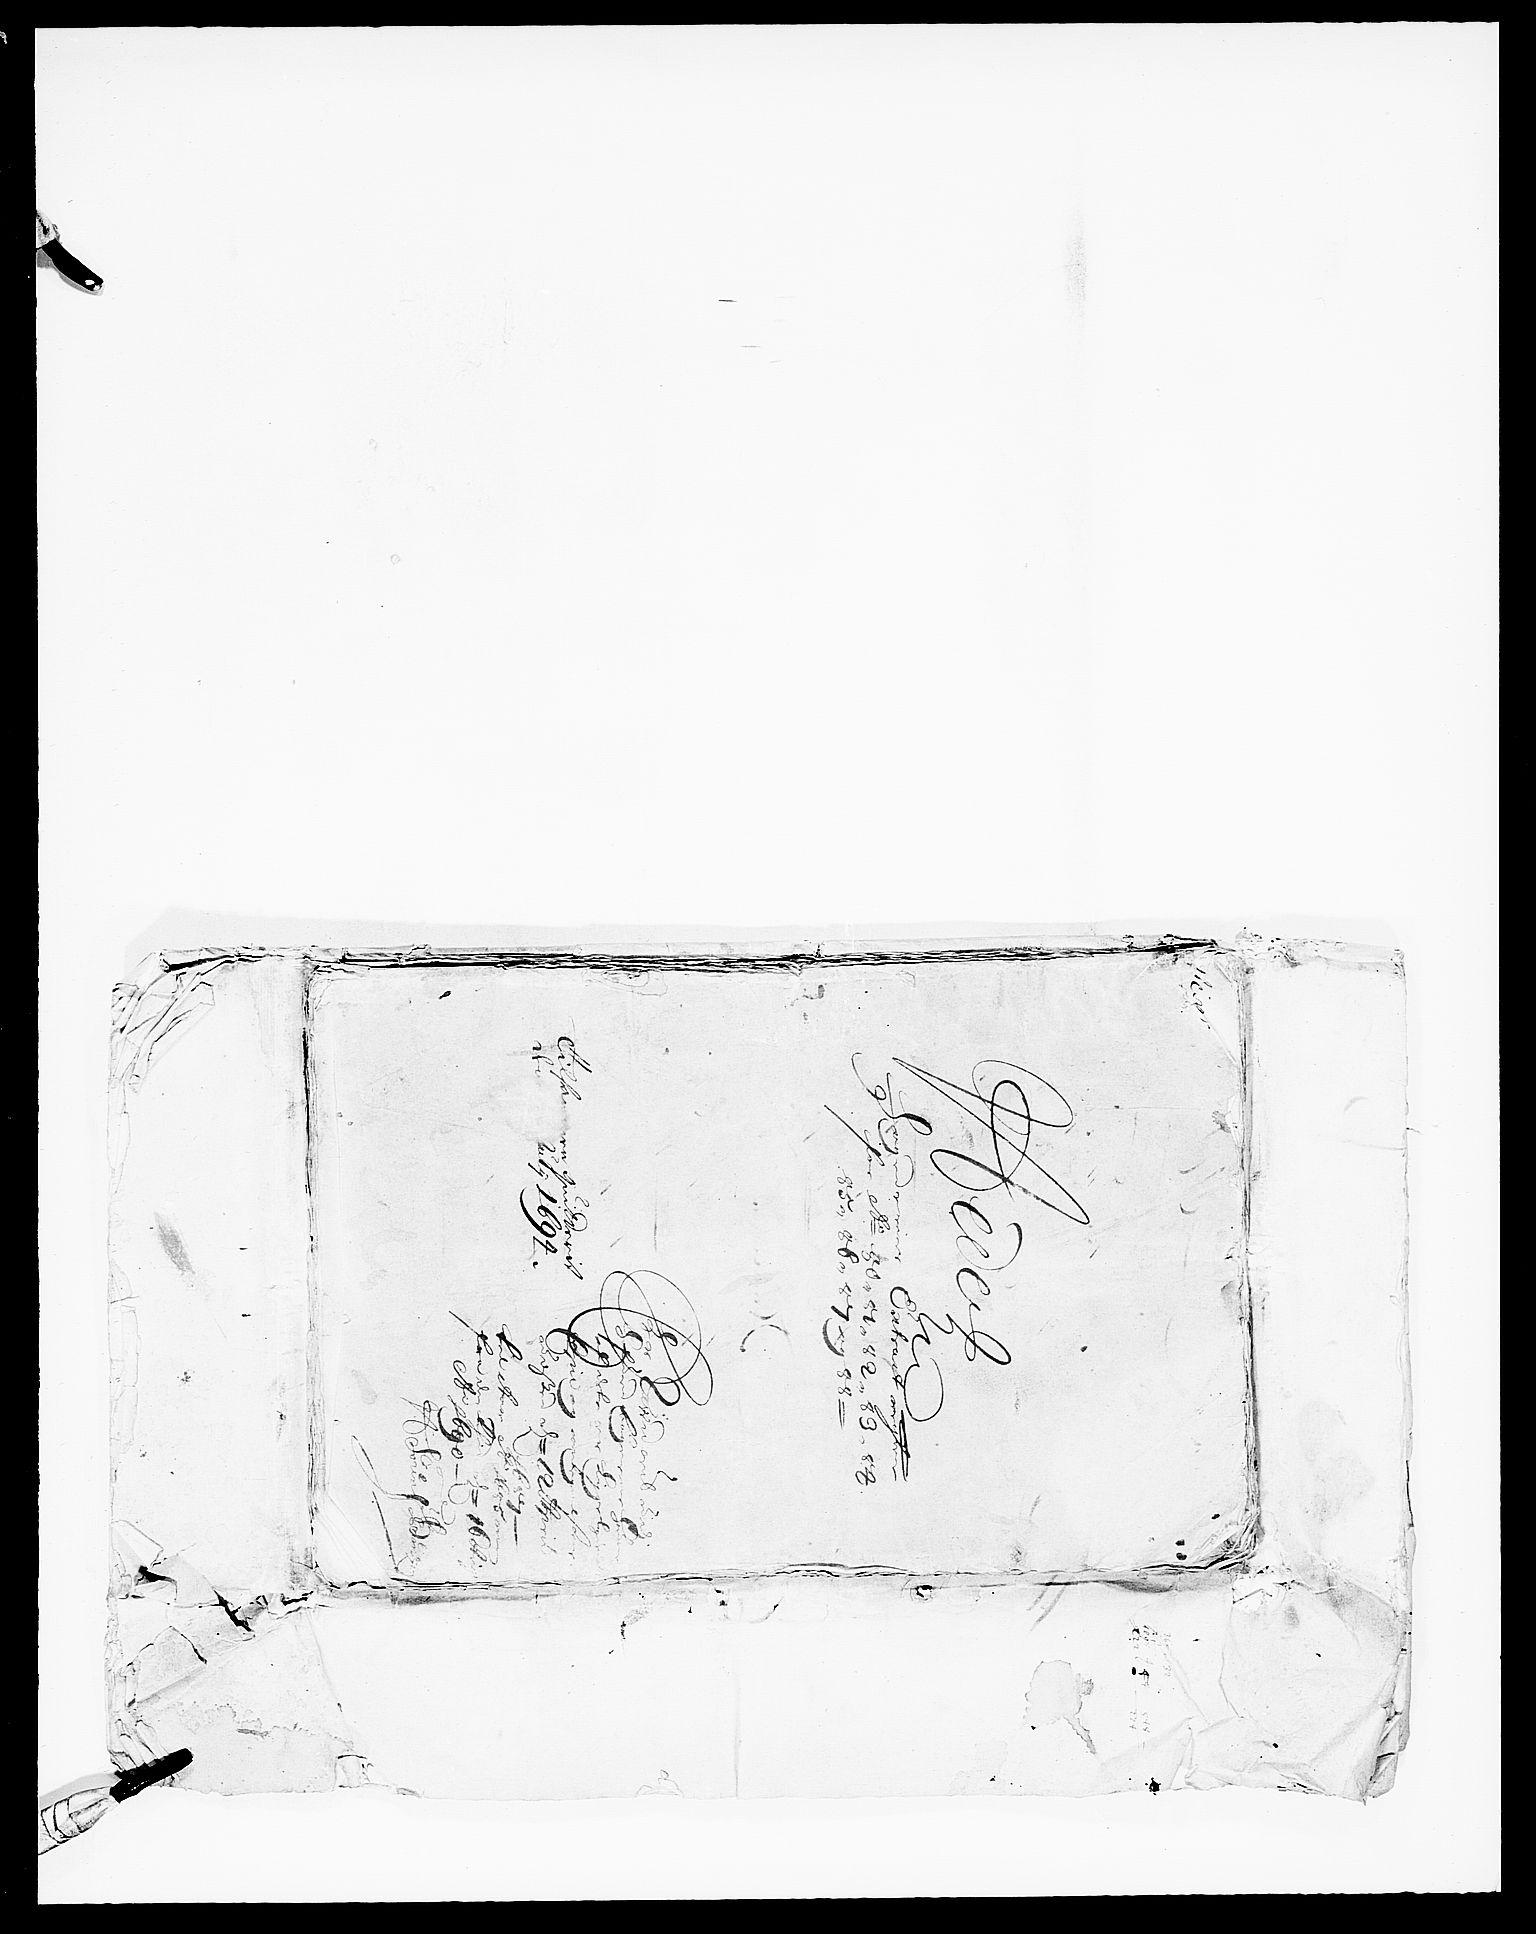 RA, Rentekammeret inntil 1814, Reviderte regnskaper, Fogderegnskap, R16/L1029: Fogderegnskap Hedmark, 1688, s. 361